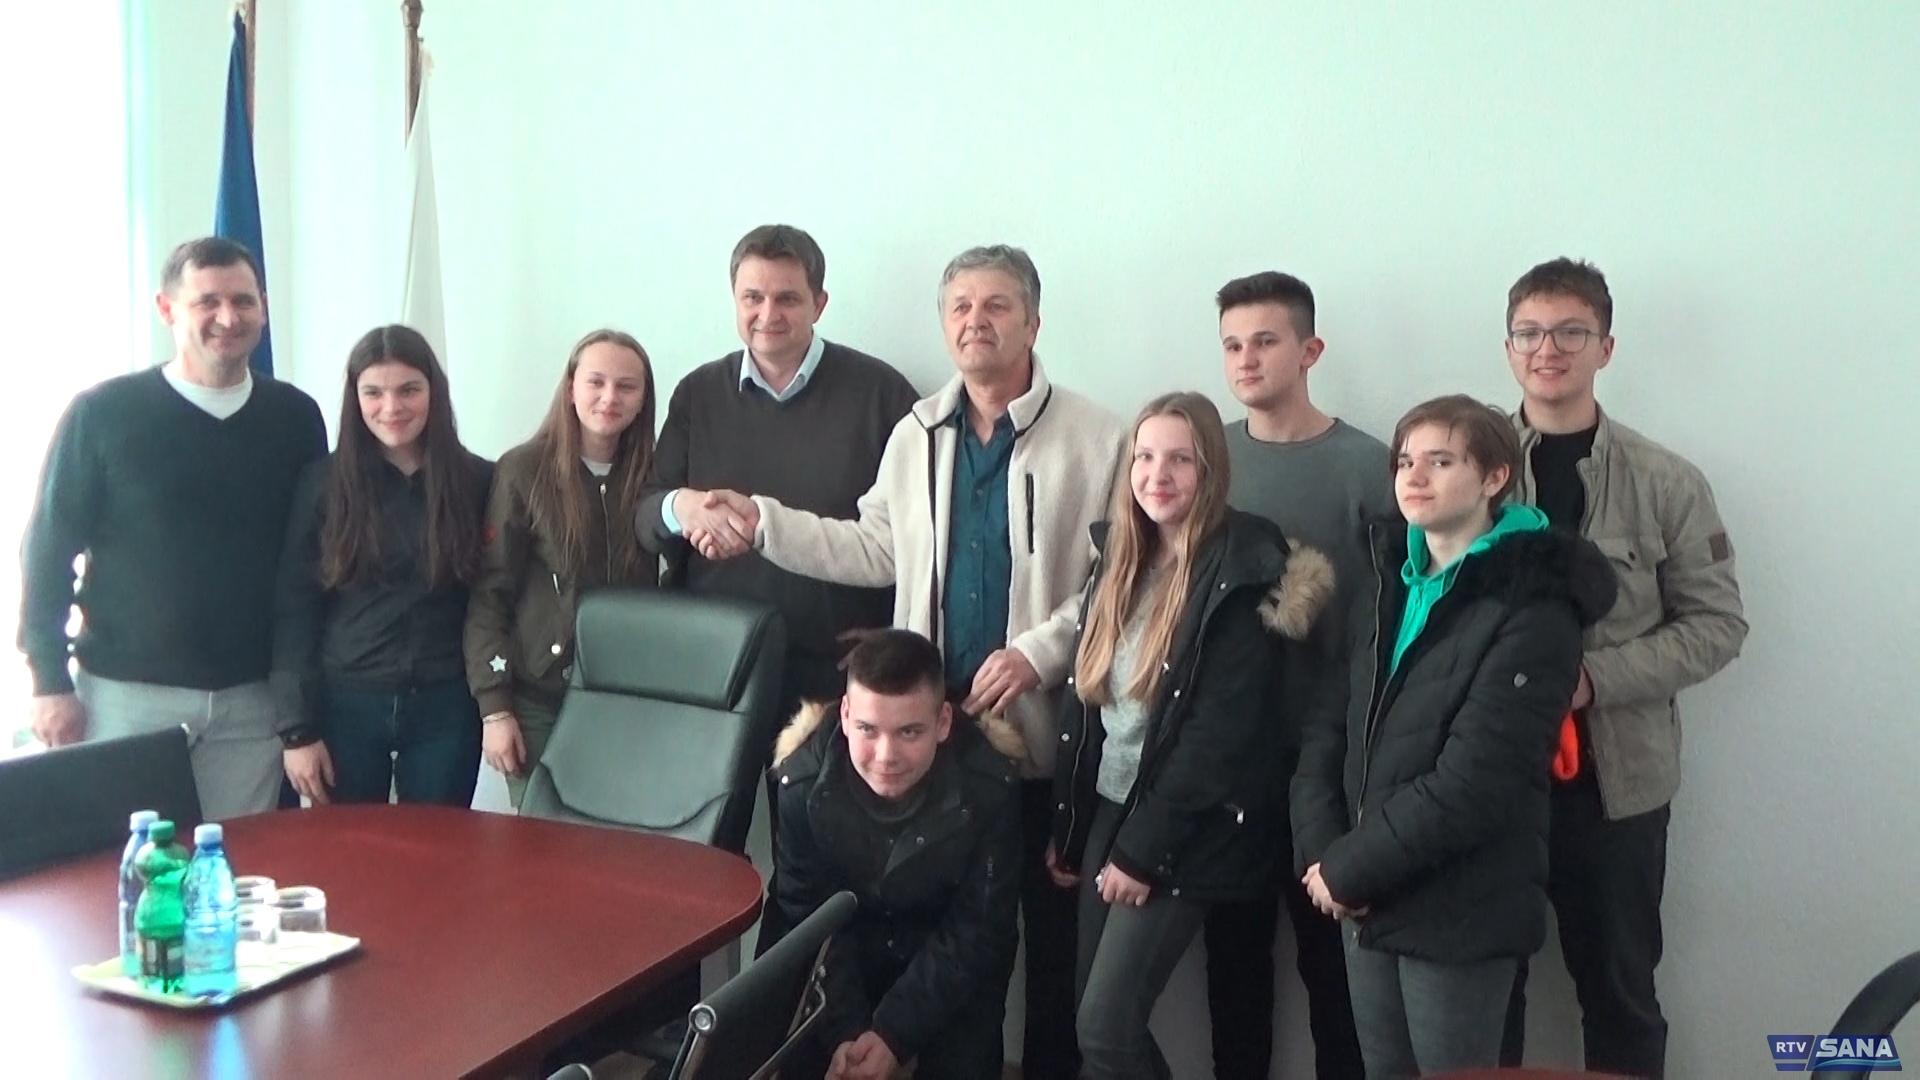 """NAČELNIK HASANBEGOVIĆ PRIMIO ČLANOVE SEKCIJE """"CIVITAS"""""""